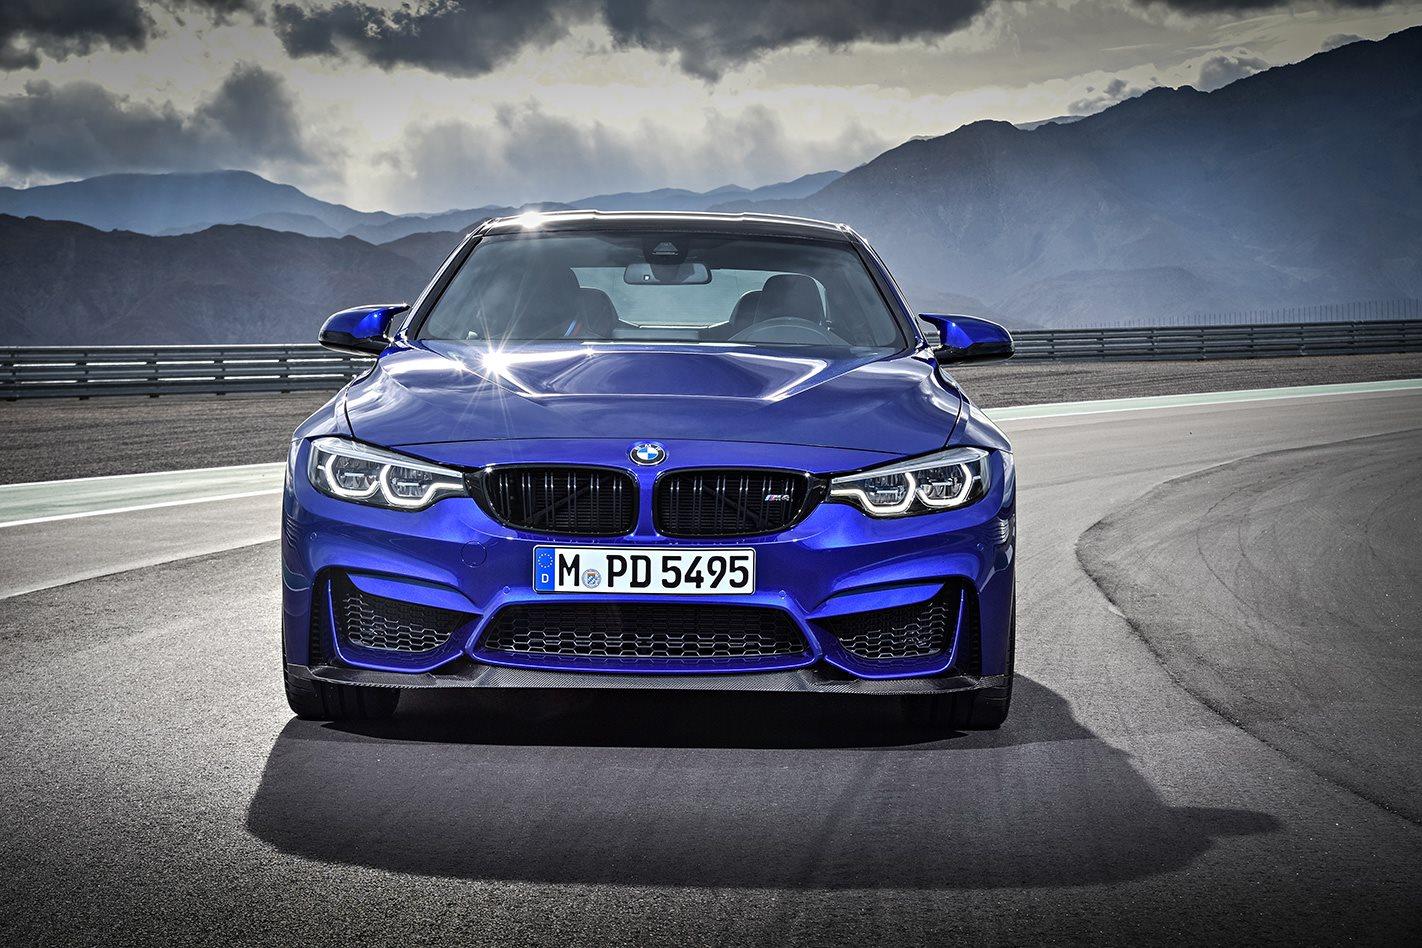 2018 BMW M4 CS front facing